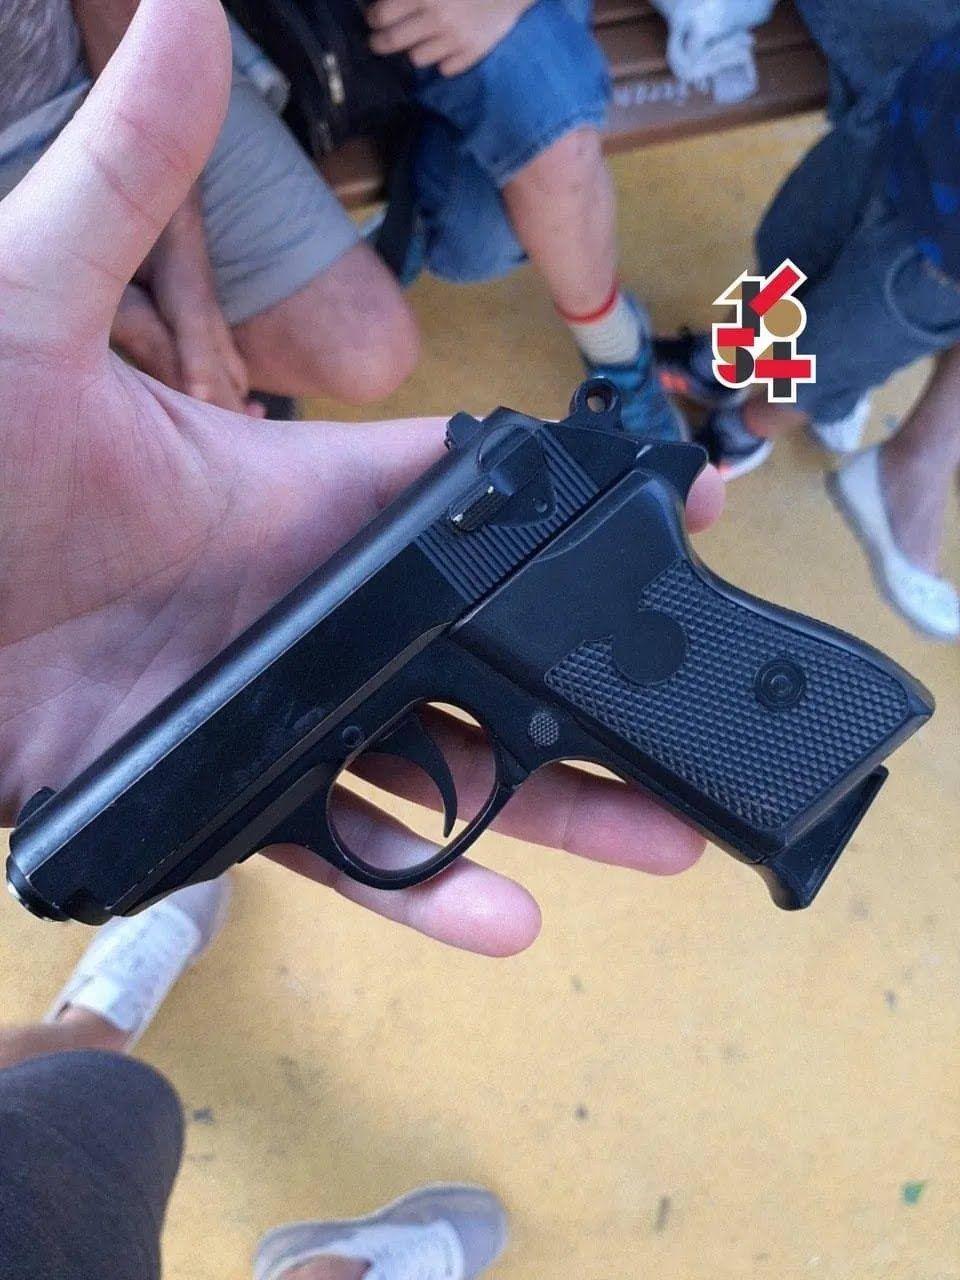 Пістолет, з якого стріляв школяр.